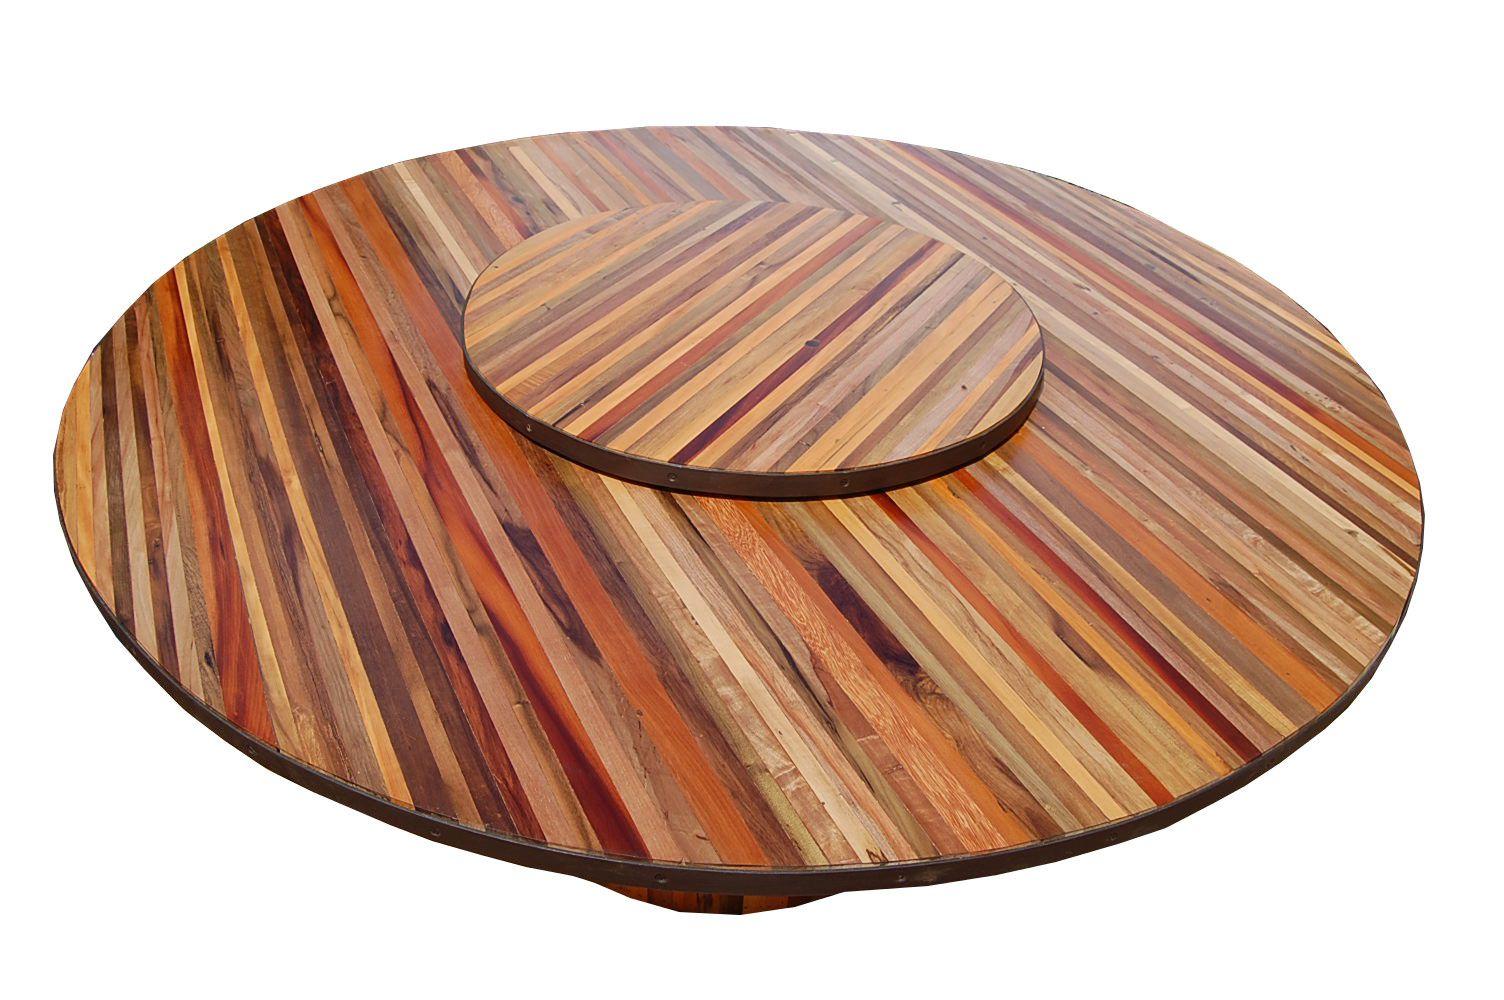 Mesa De Jantar Redonda De Demolição Modelo Búzios -  1,40 diâmetro - Com Prato Giratório - Em Madeira Selecionada